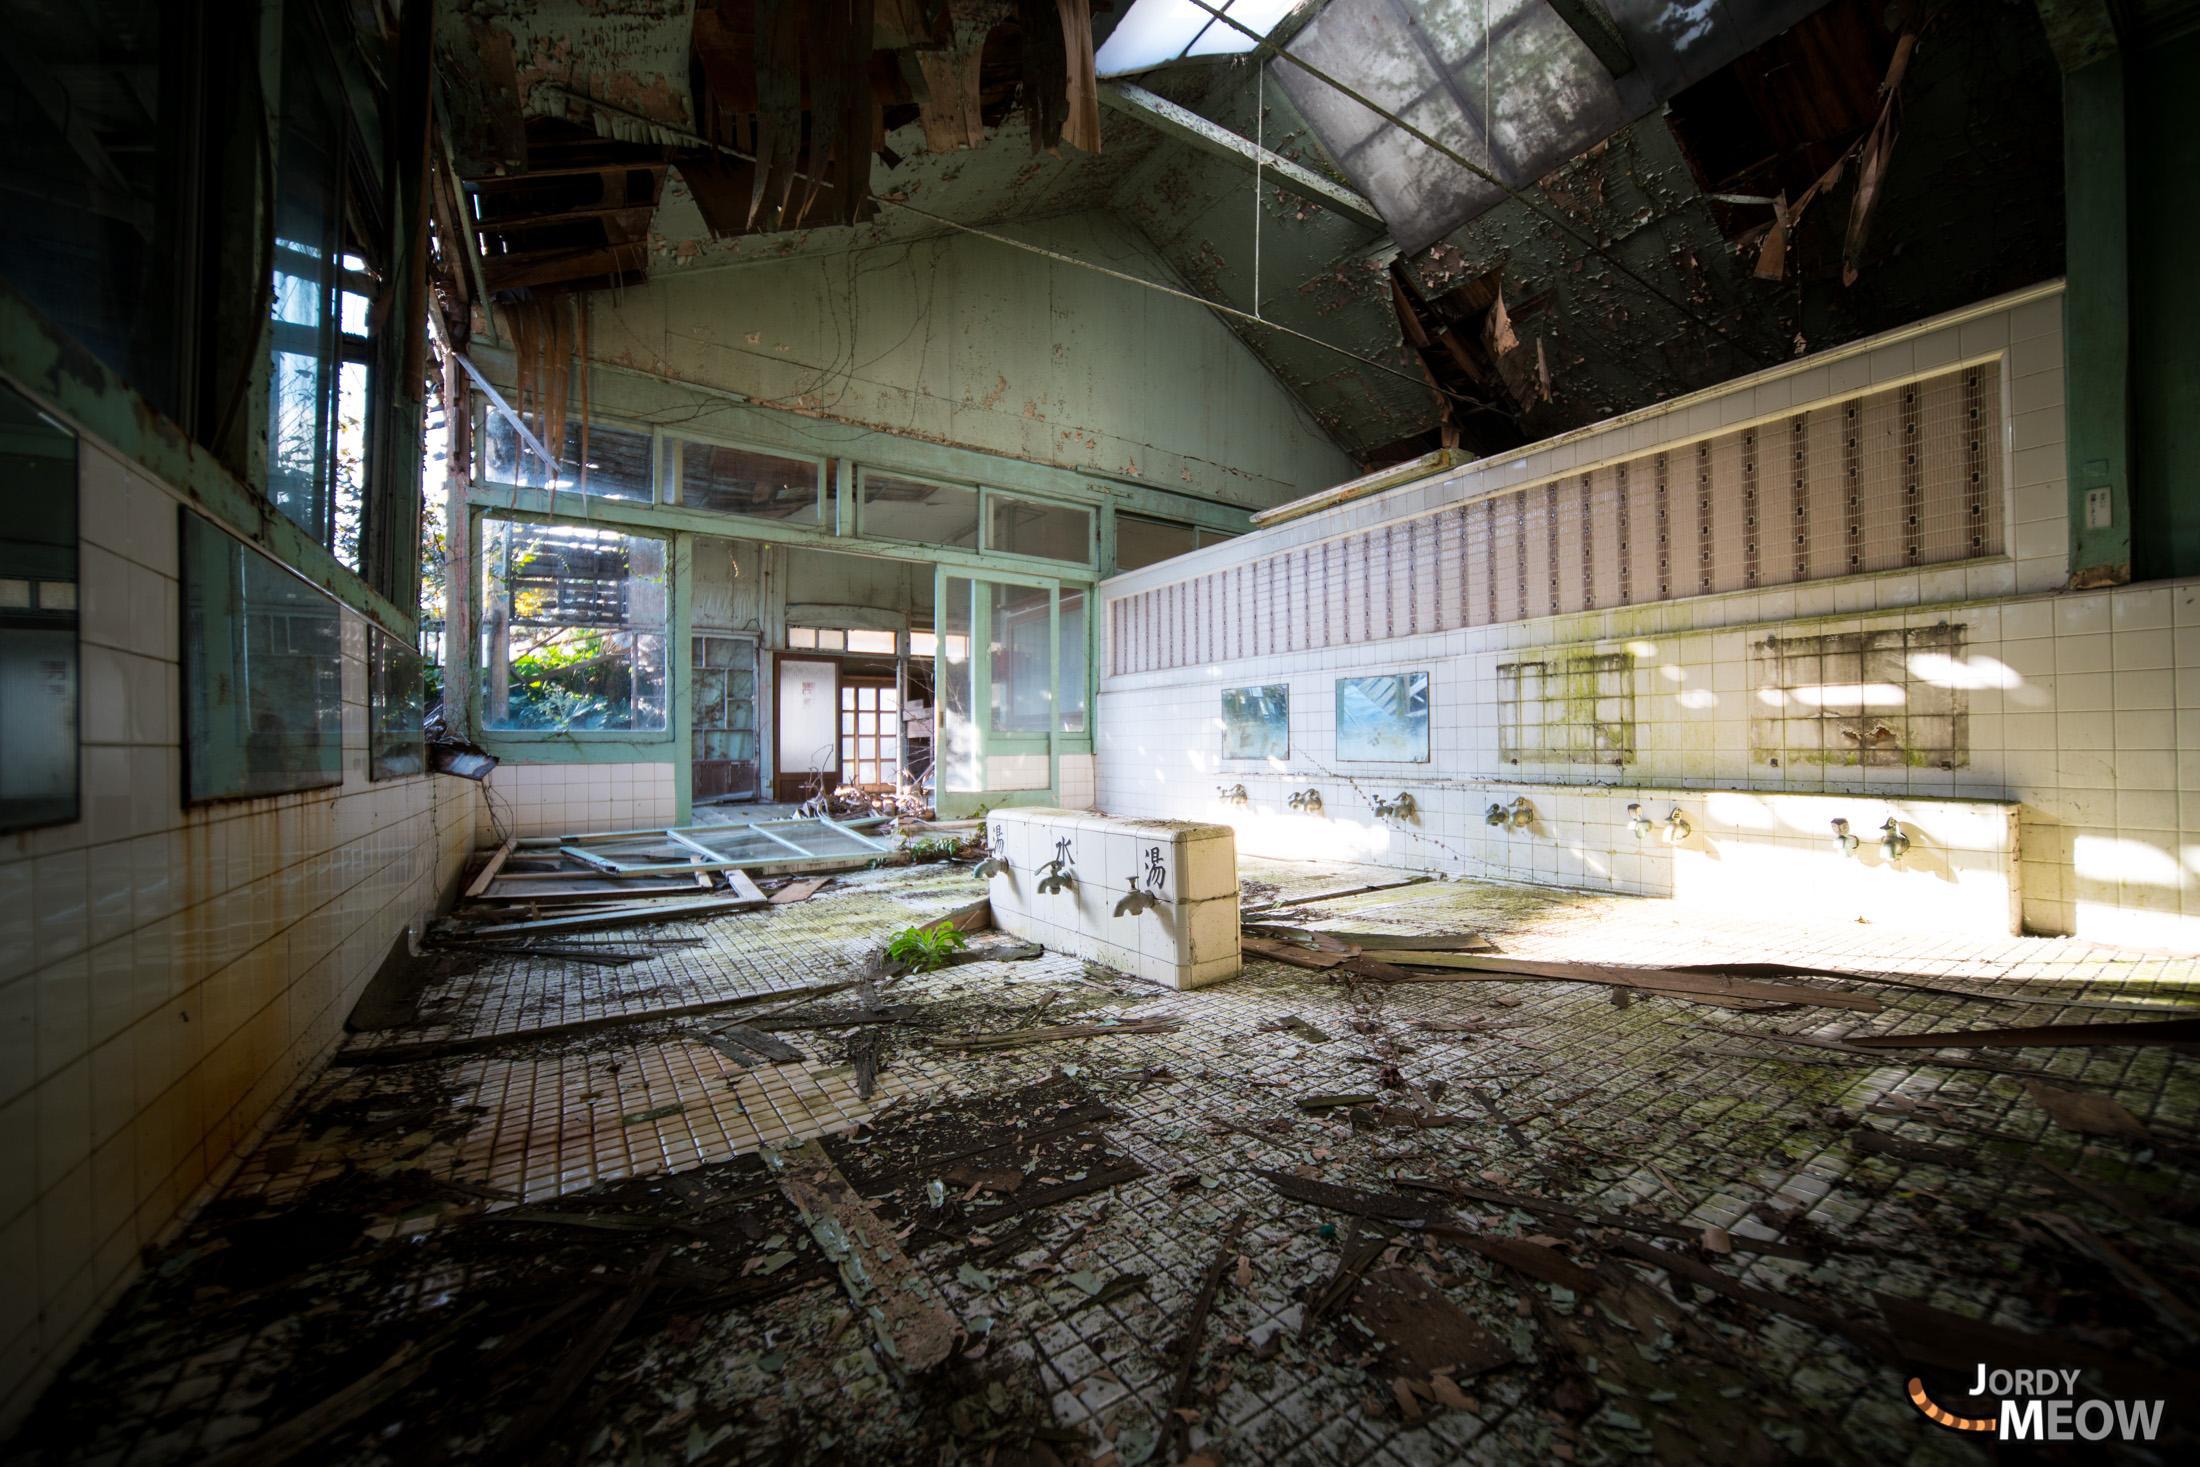 abandoned, chiba, haikyo, japan, japanese, kanto, ruin, sento, urban exploration, urbex